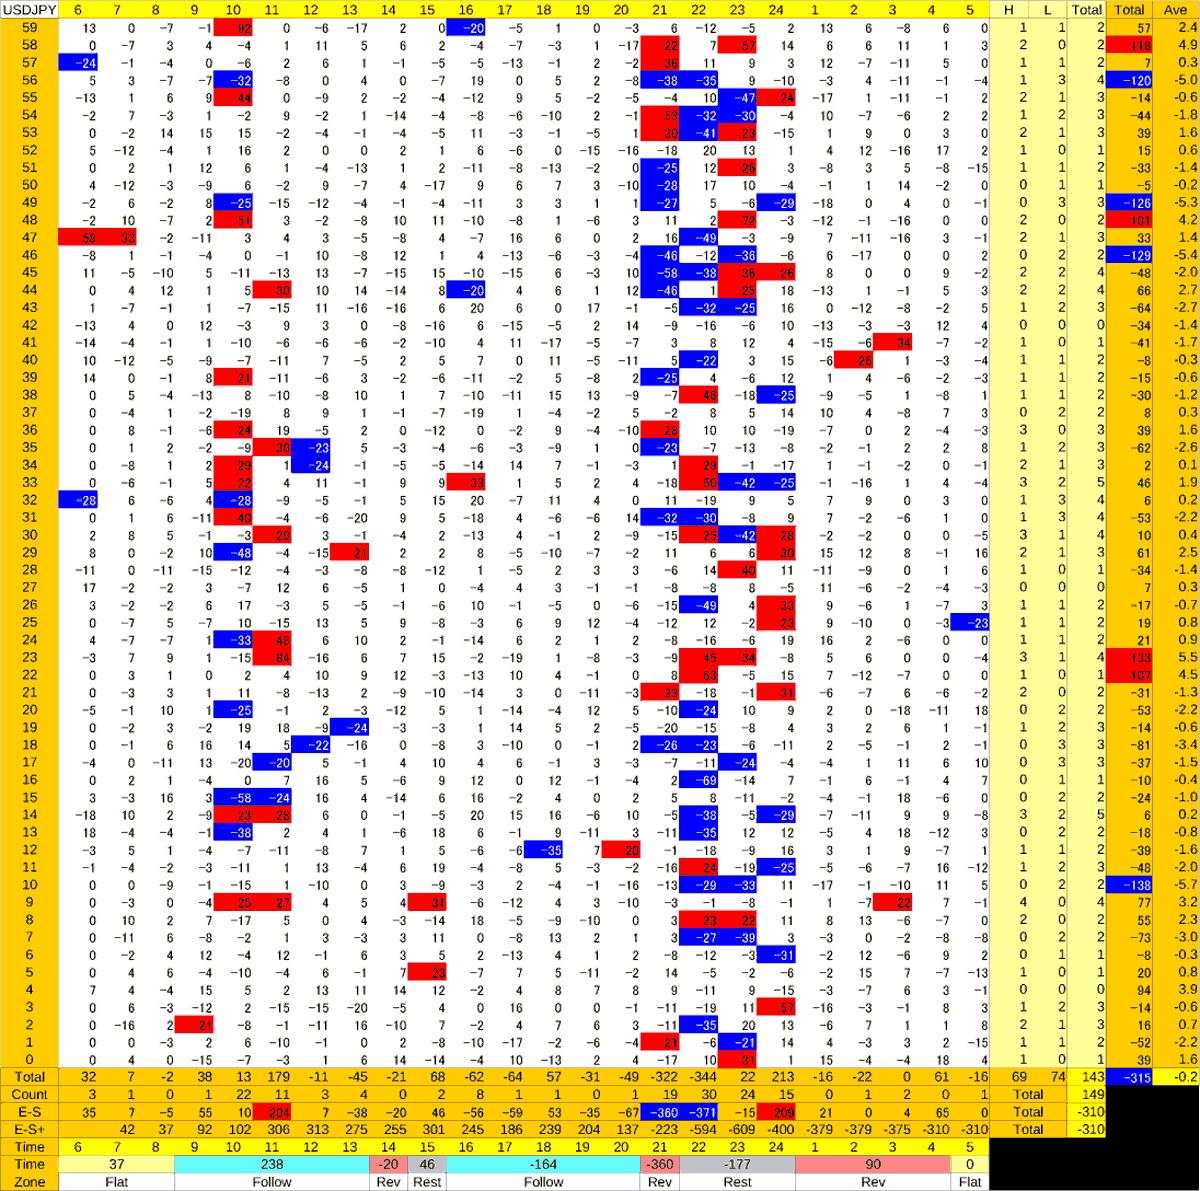 20200623_HS(1)USDJPY